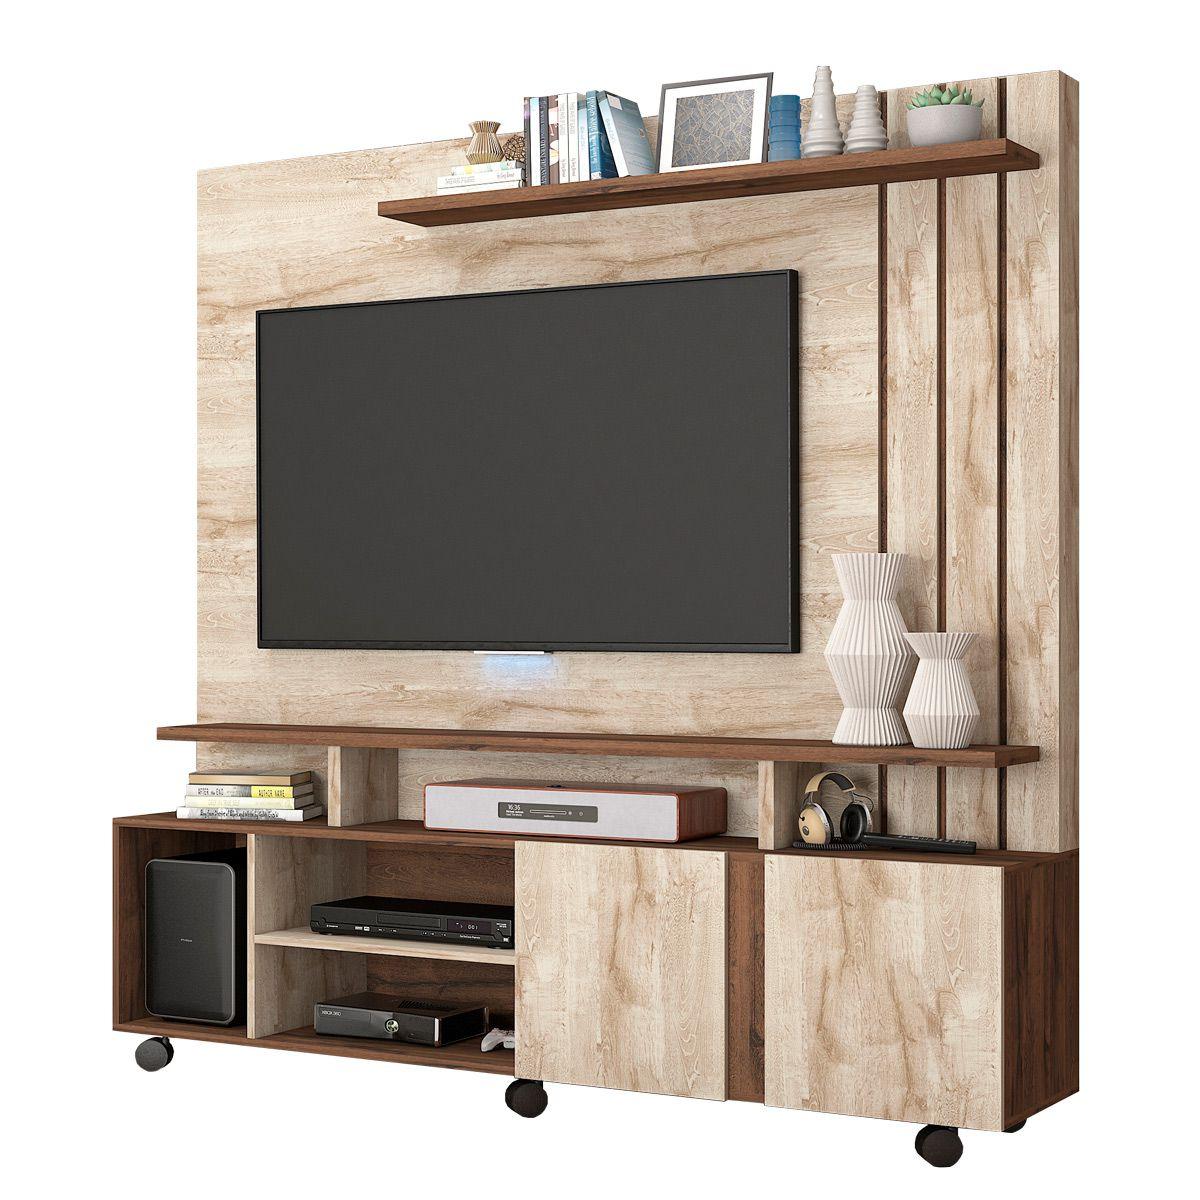 Estante Home Valência com 2 Portas e Painel para TV até 47 Polegadas Permóbili Rústico/Café